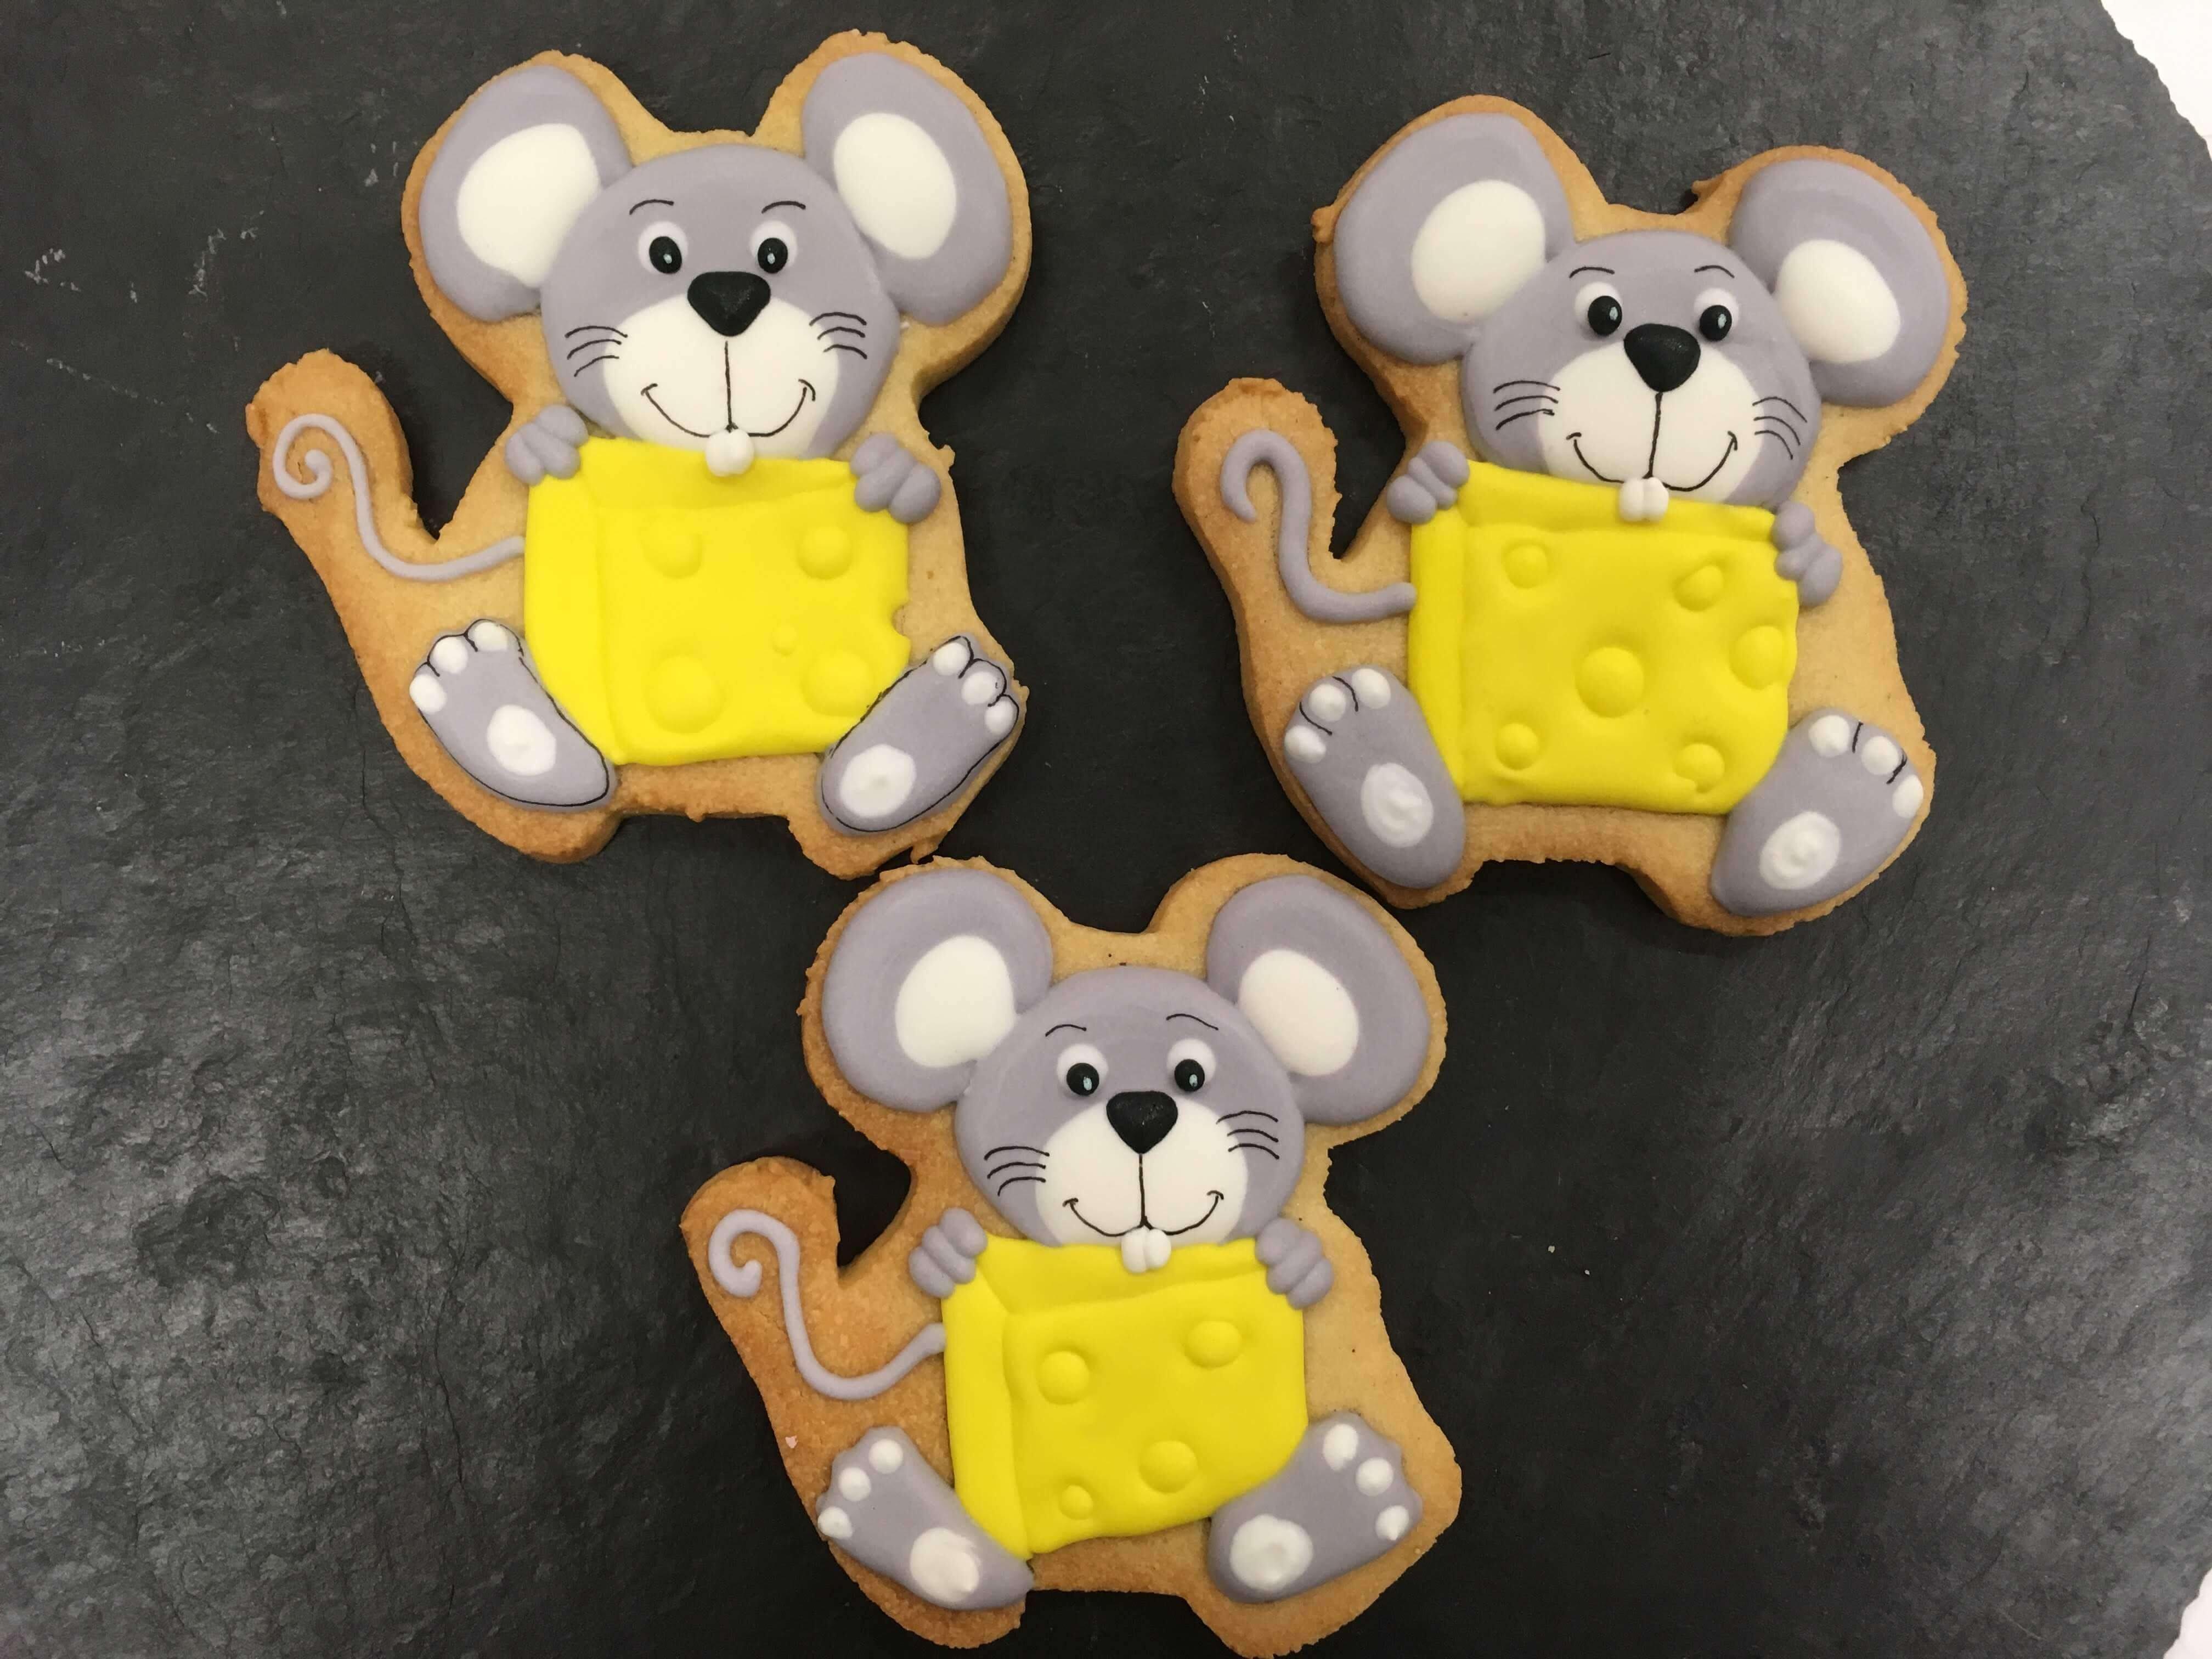 Galletas decoradas ratón queso coruña personalizada